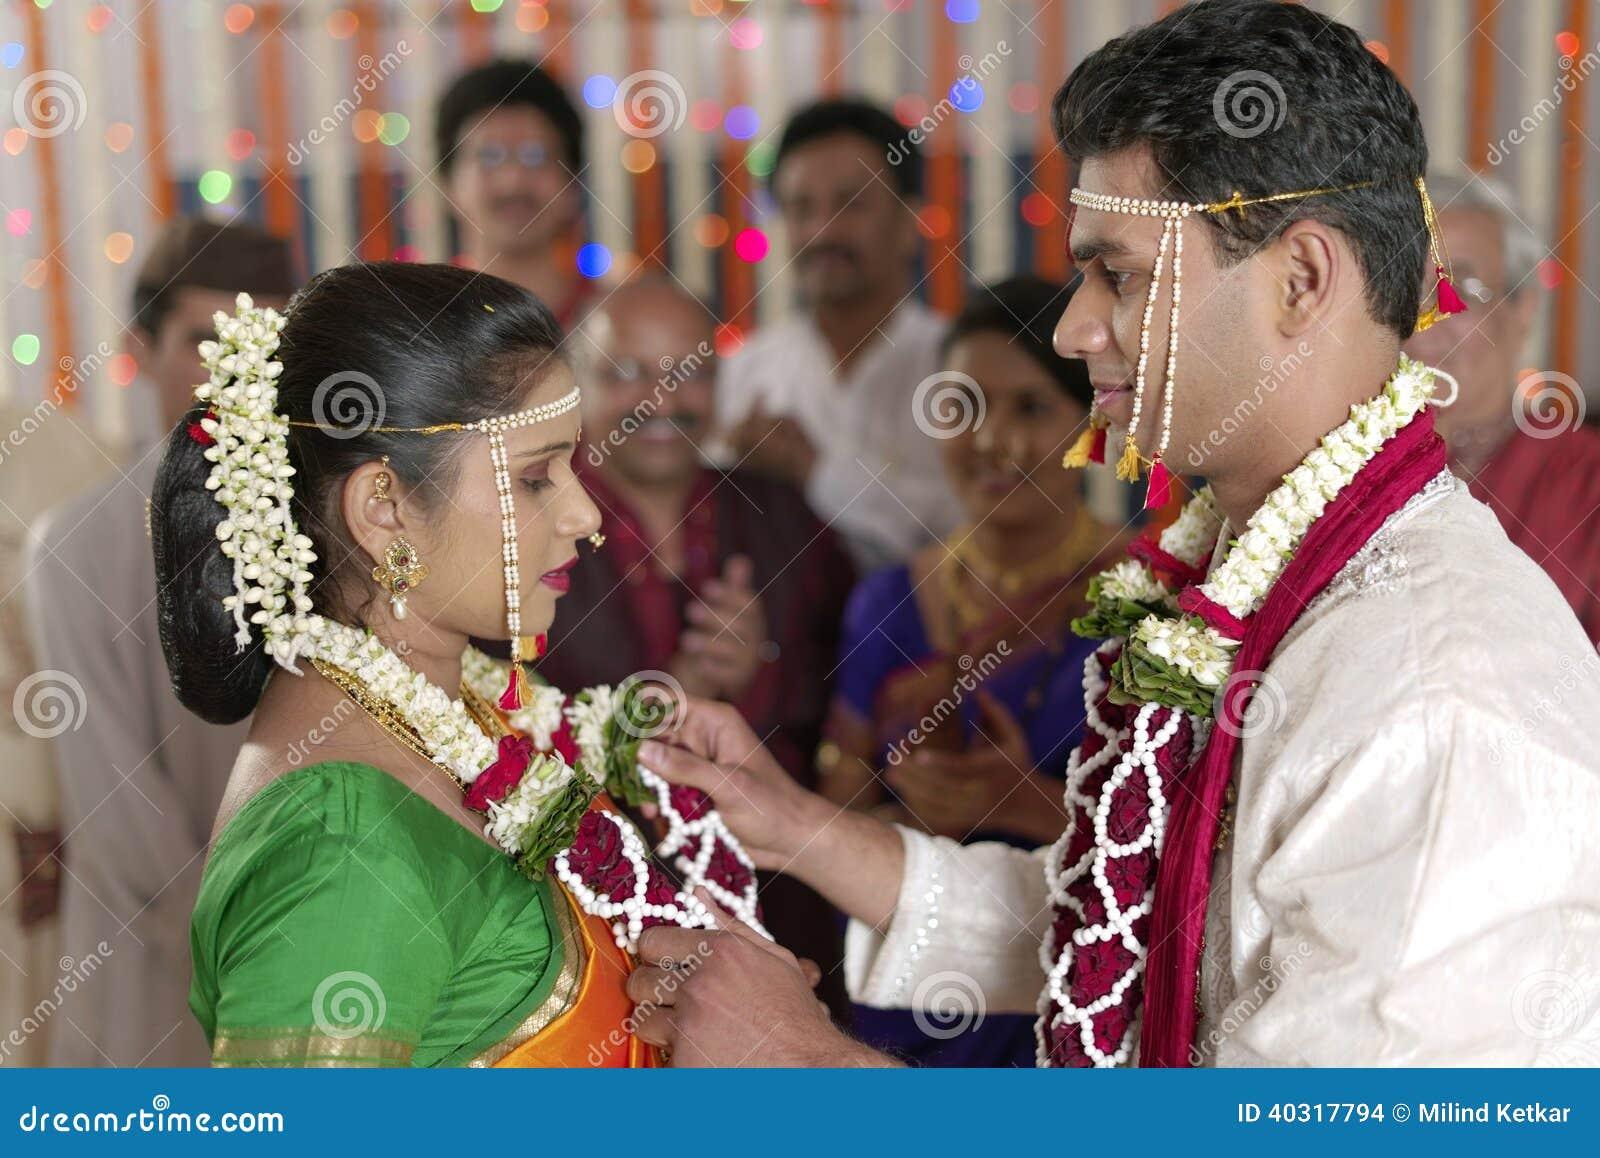 Индийский индусский Groom смотря невесту и обменивая гирлянду в свадьбе махарастры